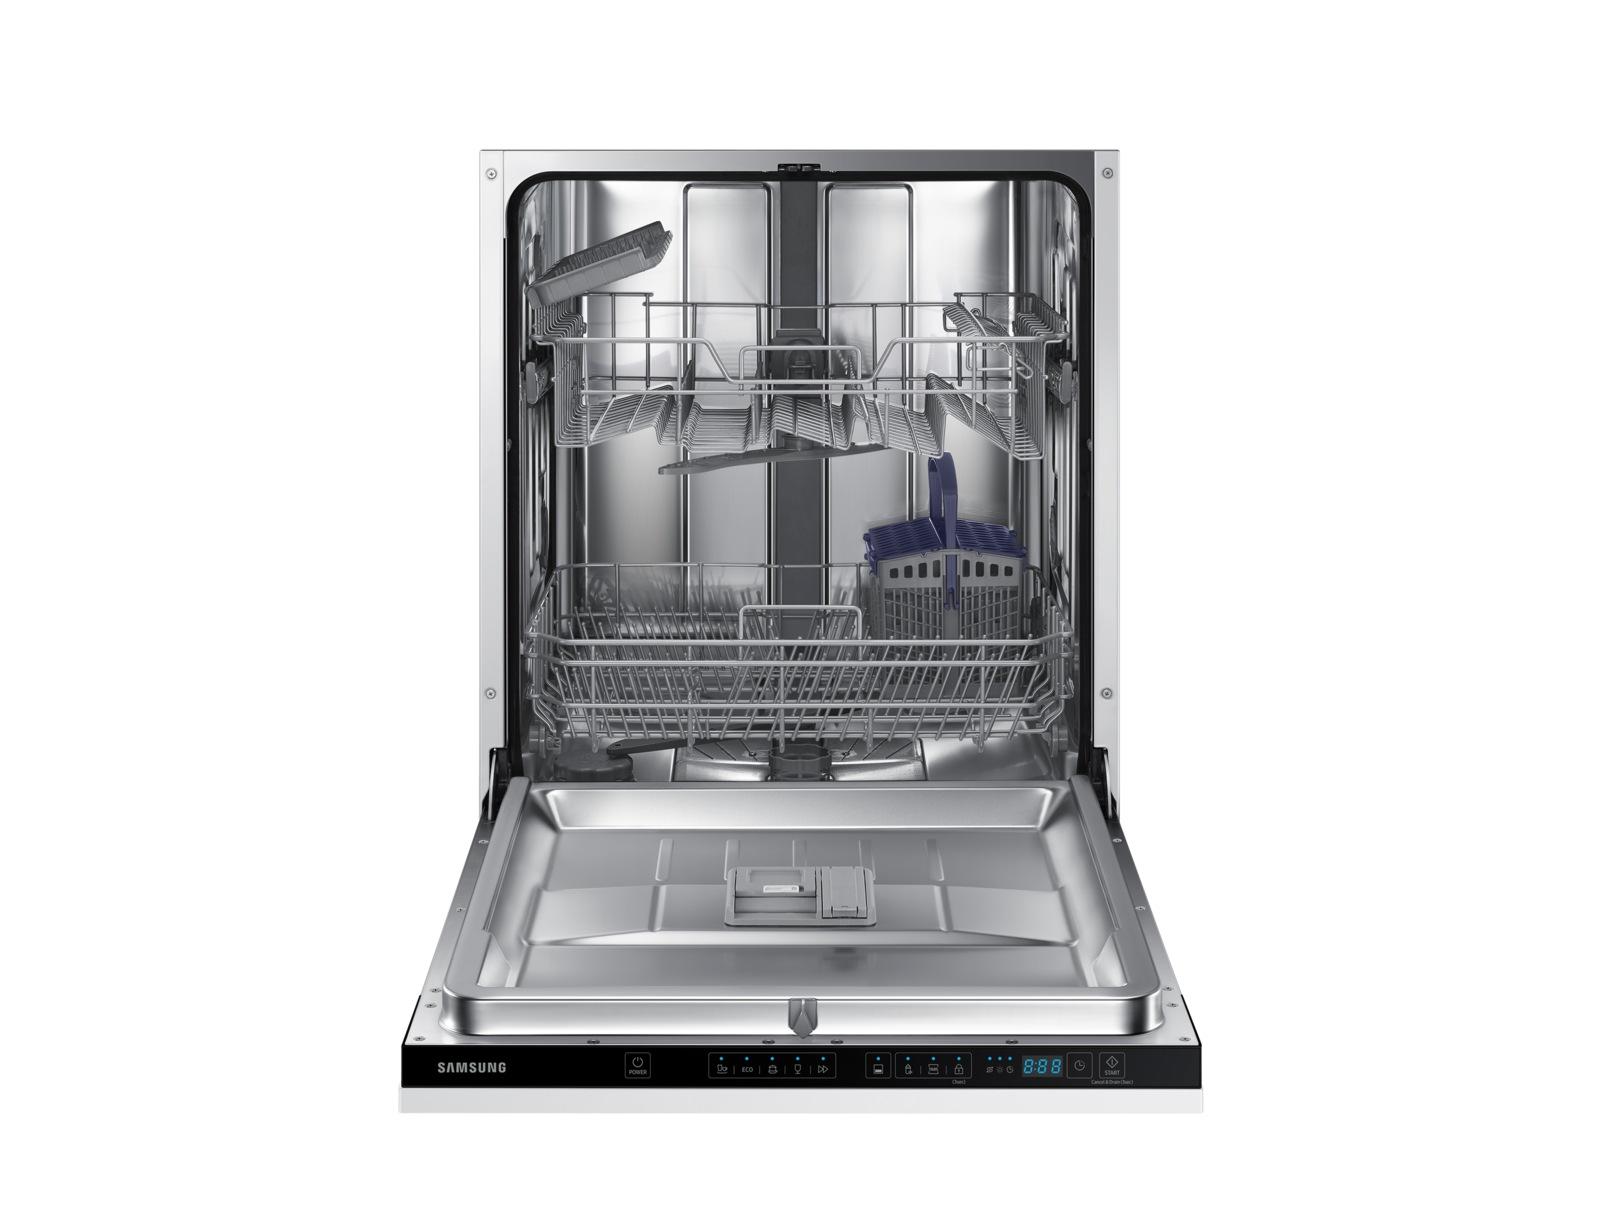 Рейтинг встроенных посудомоечных машин 45 см: 2020